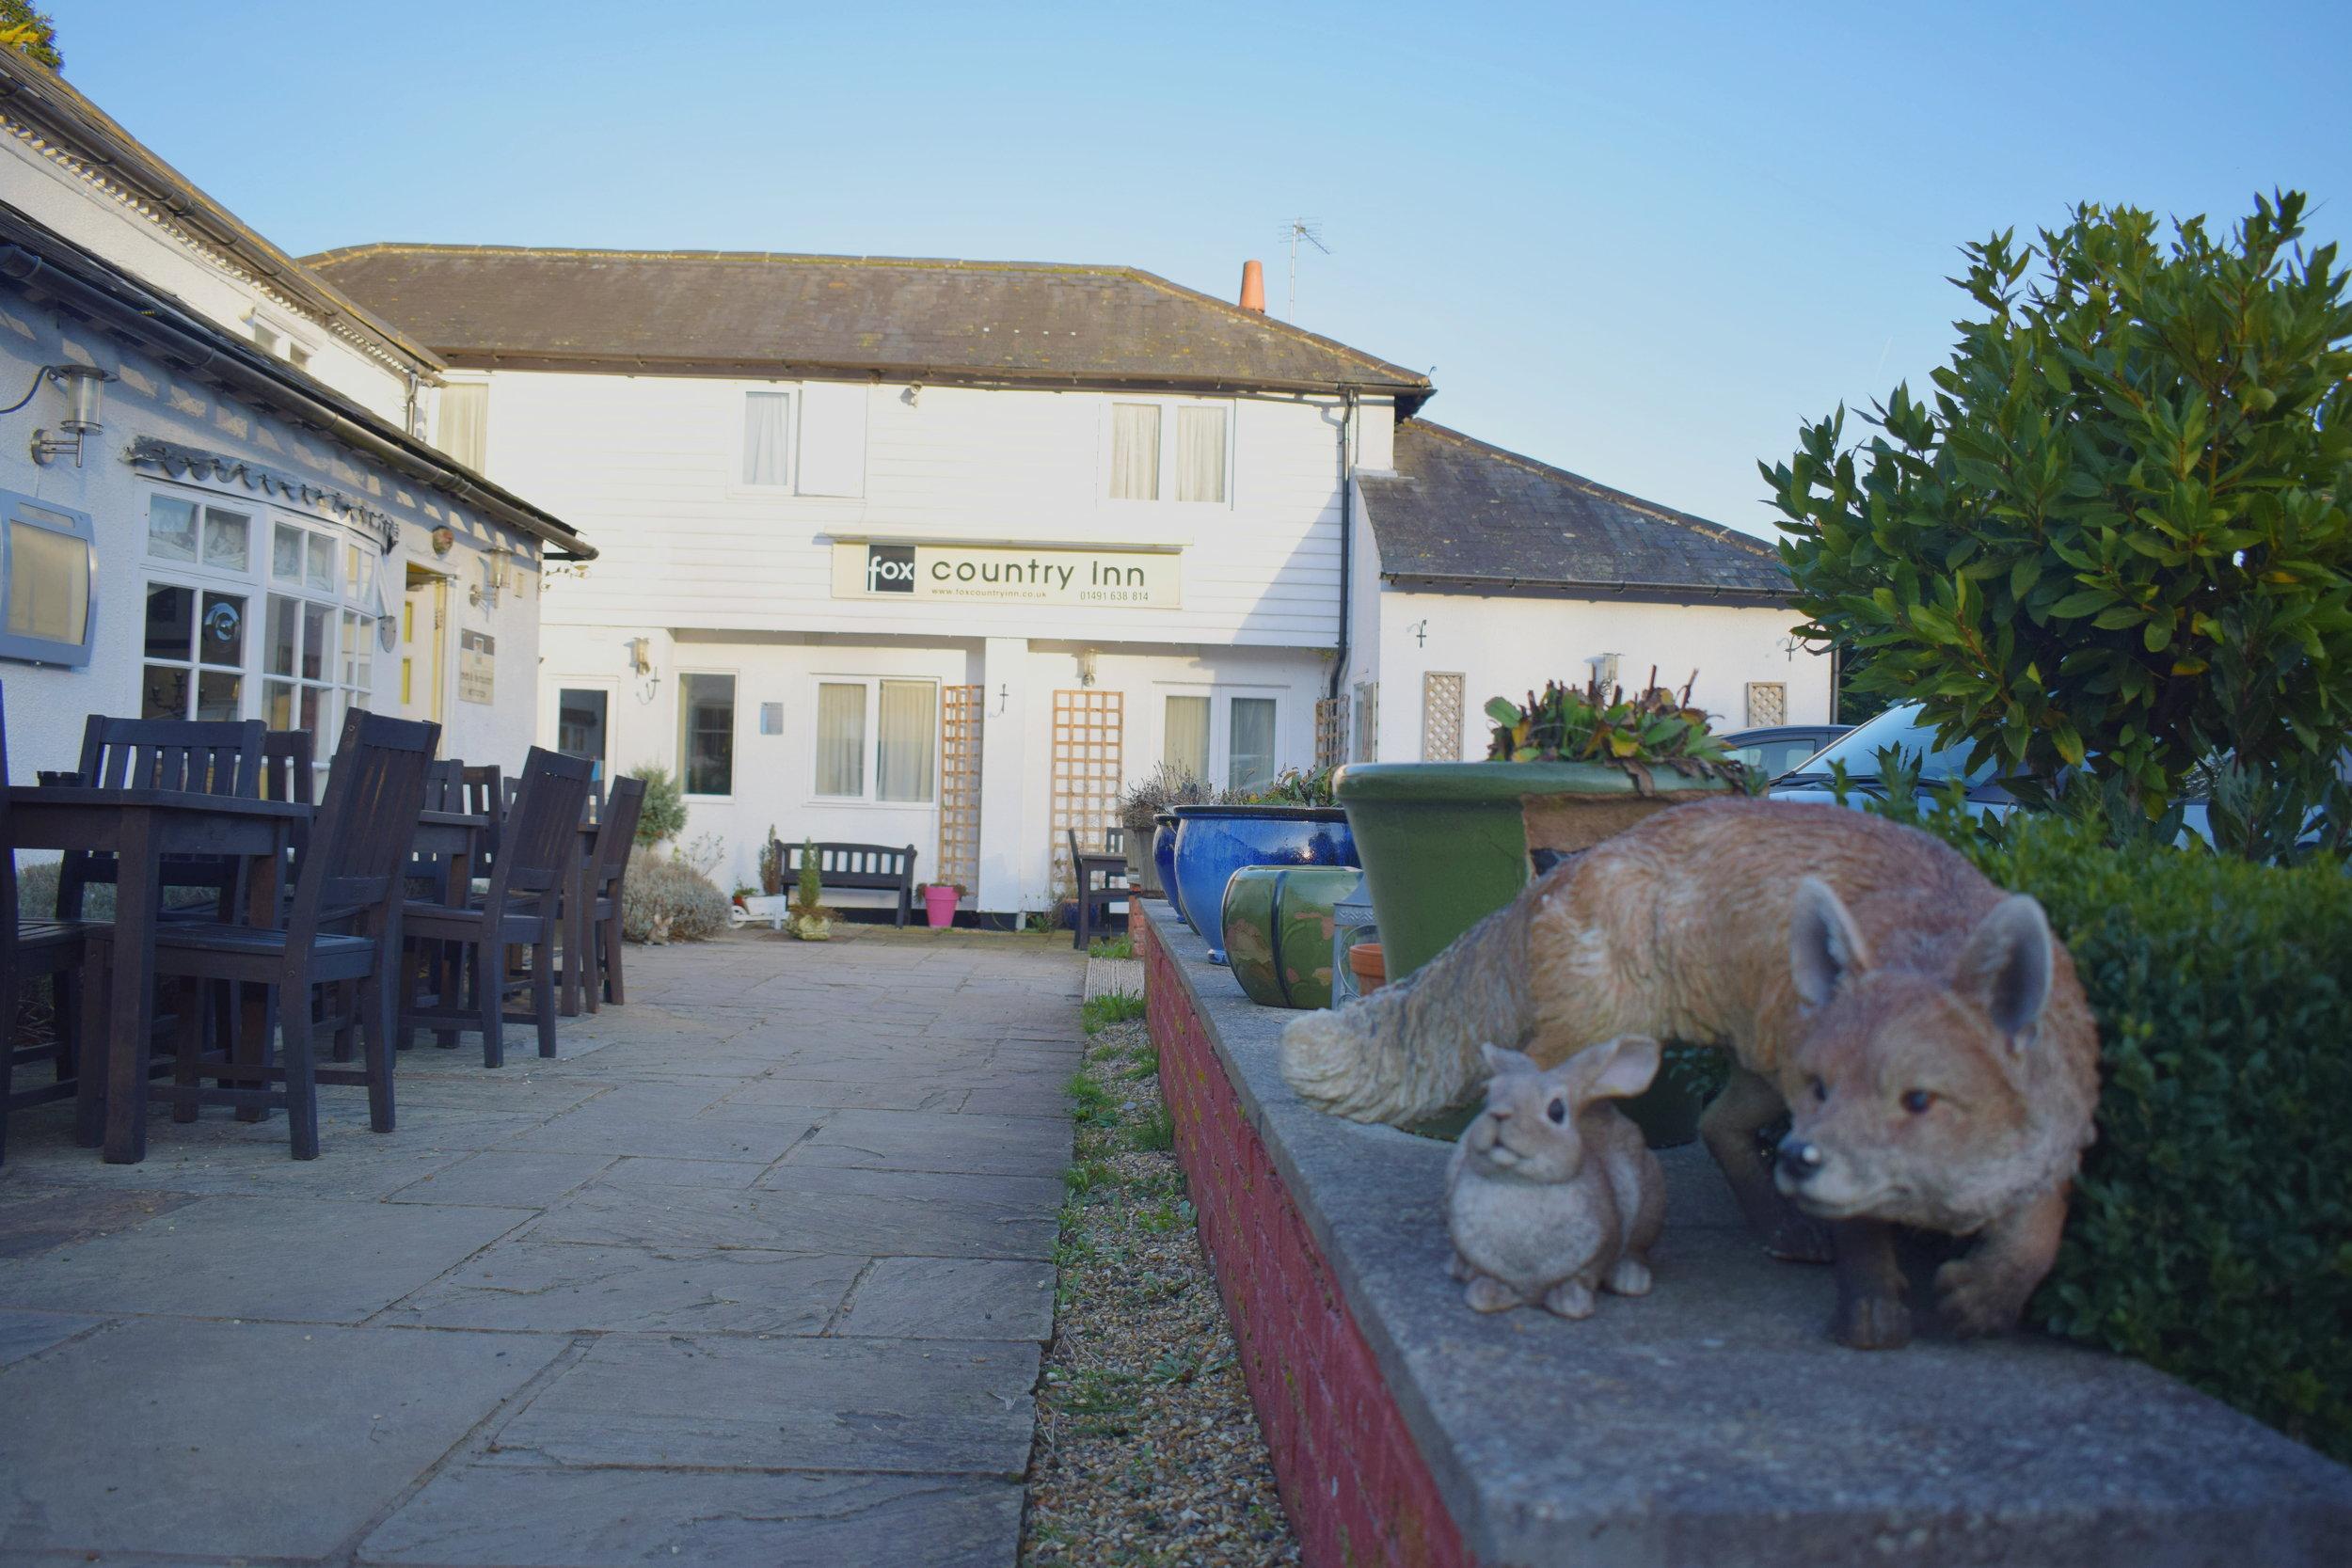 Red Letter Days UK voucher: The Fox Country Inn